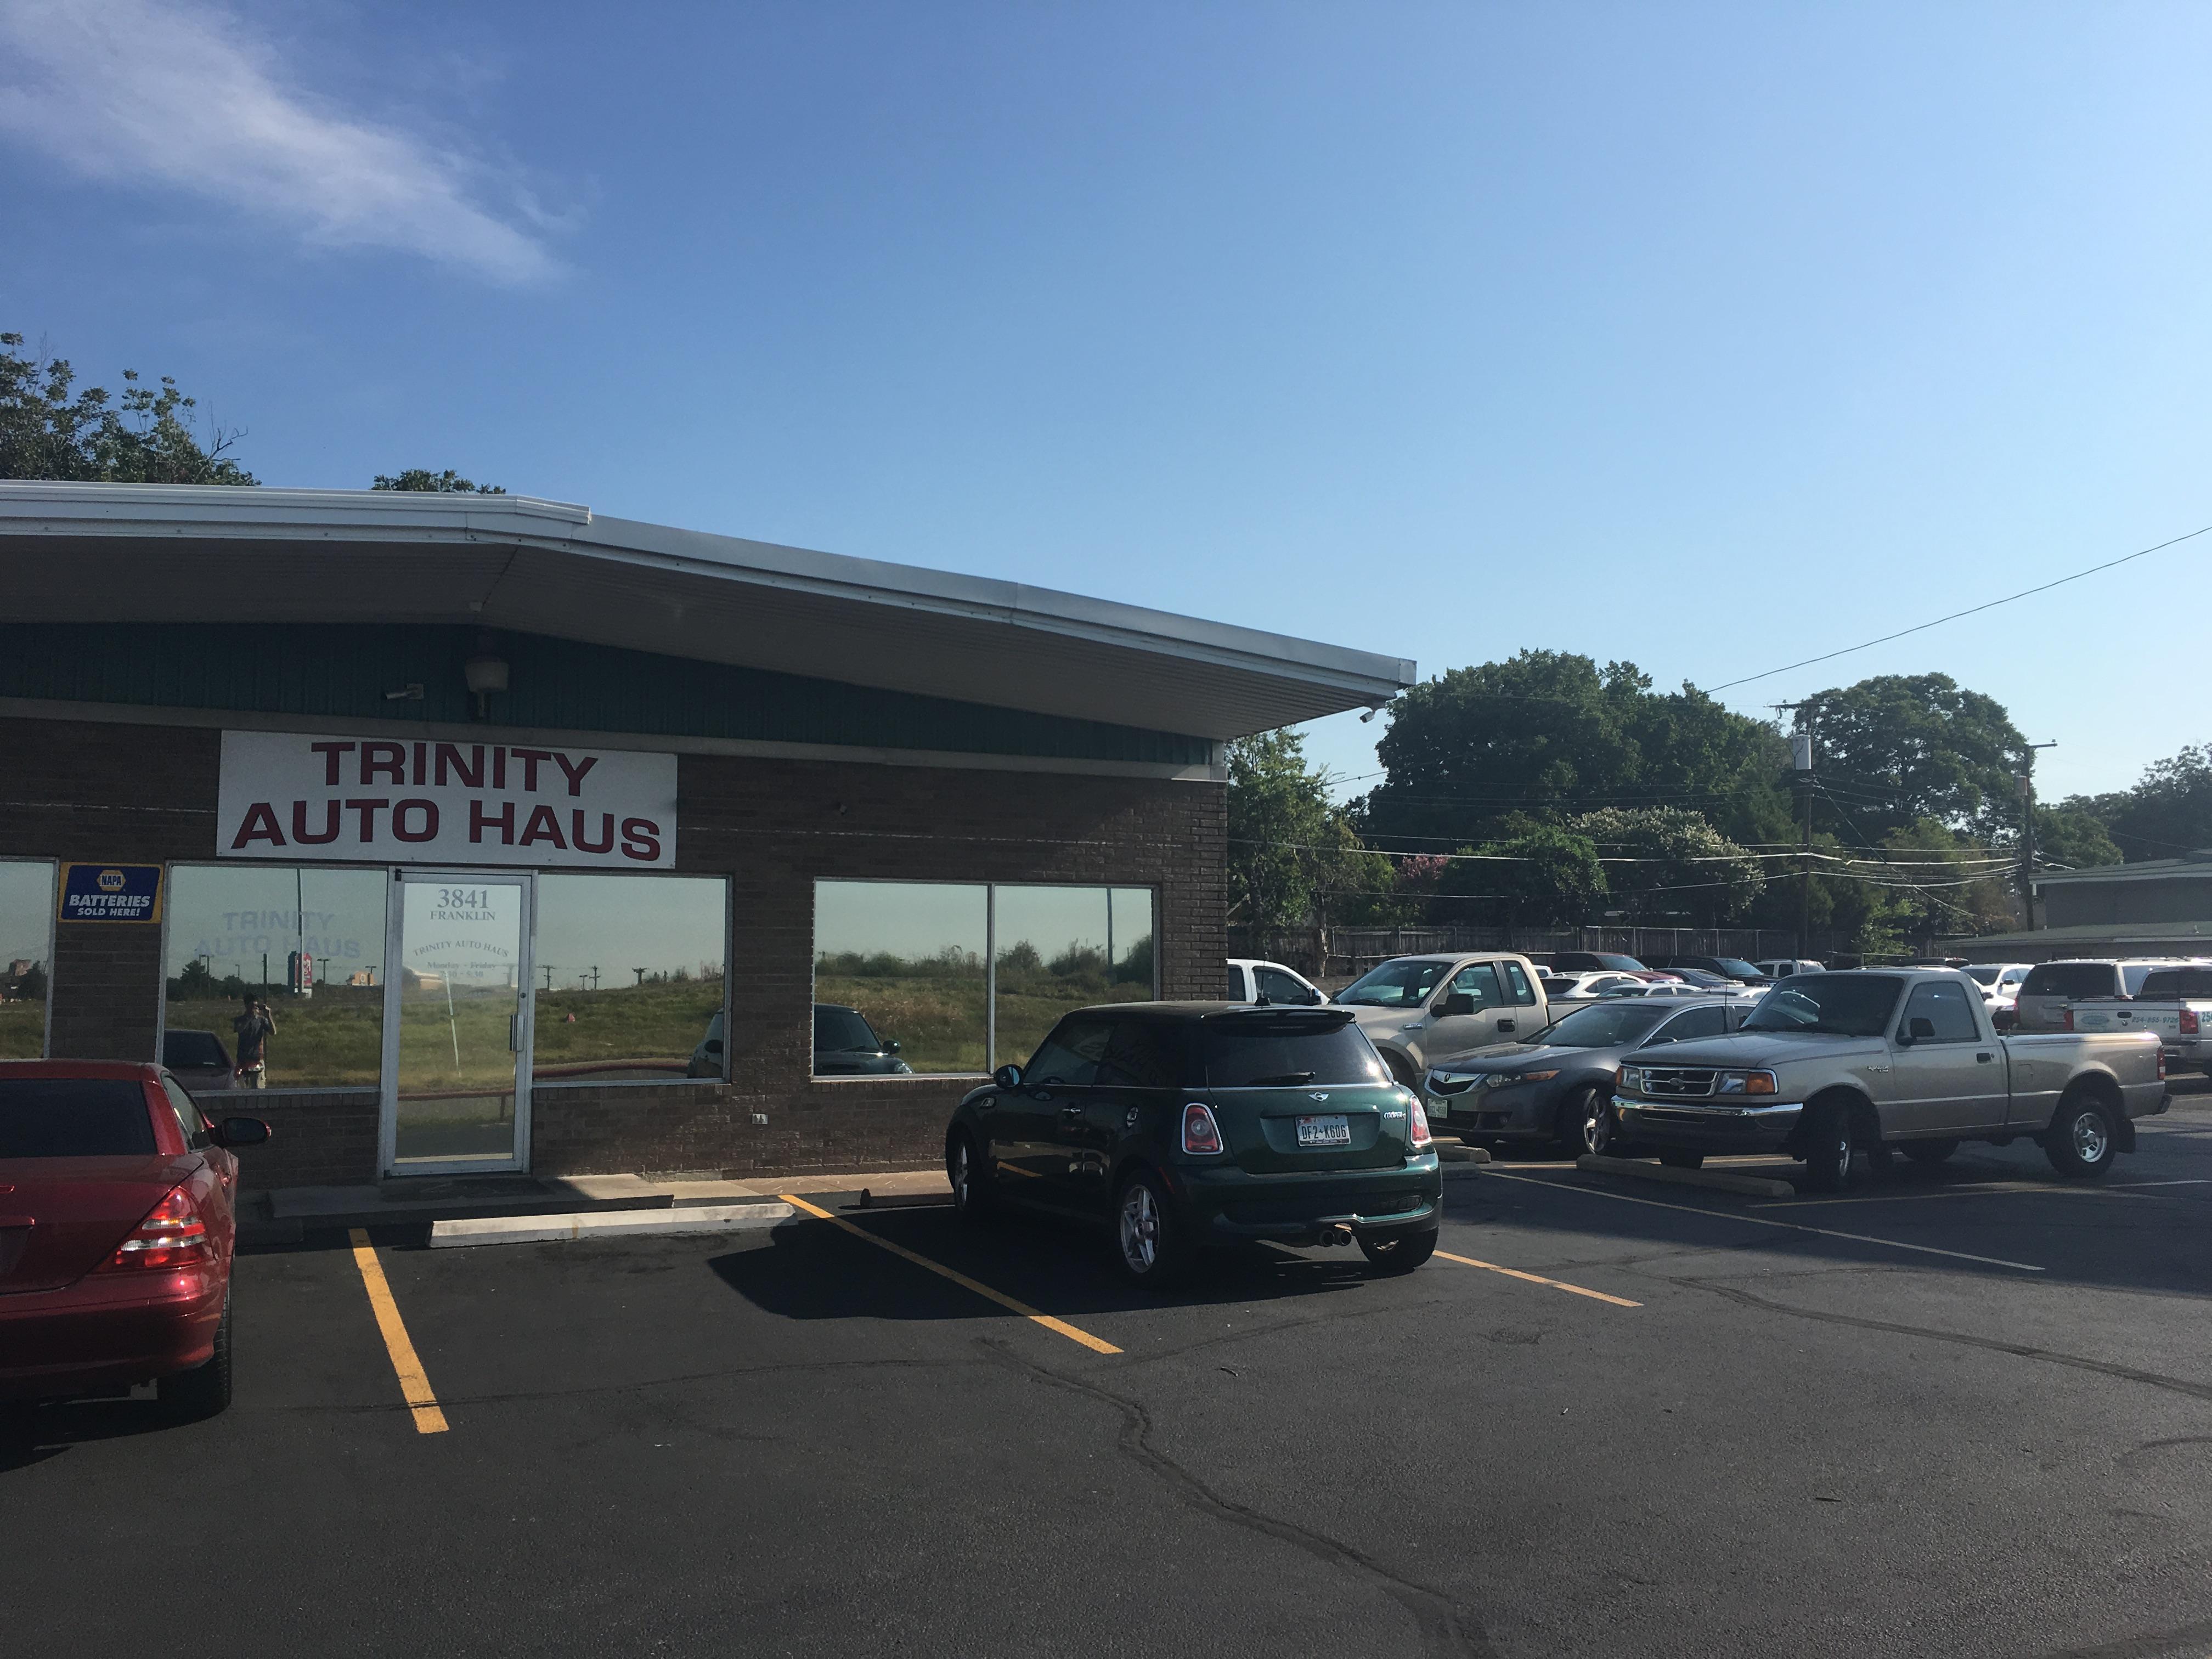 Waco, TX trinity auto haus | Find trinity auto haus in Waco, TX